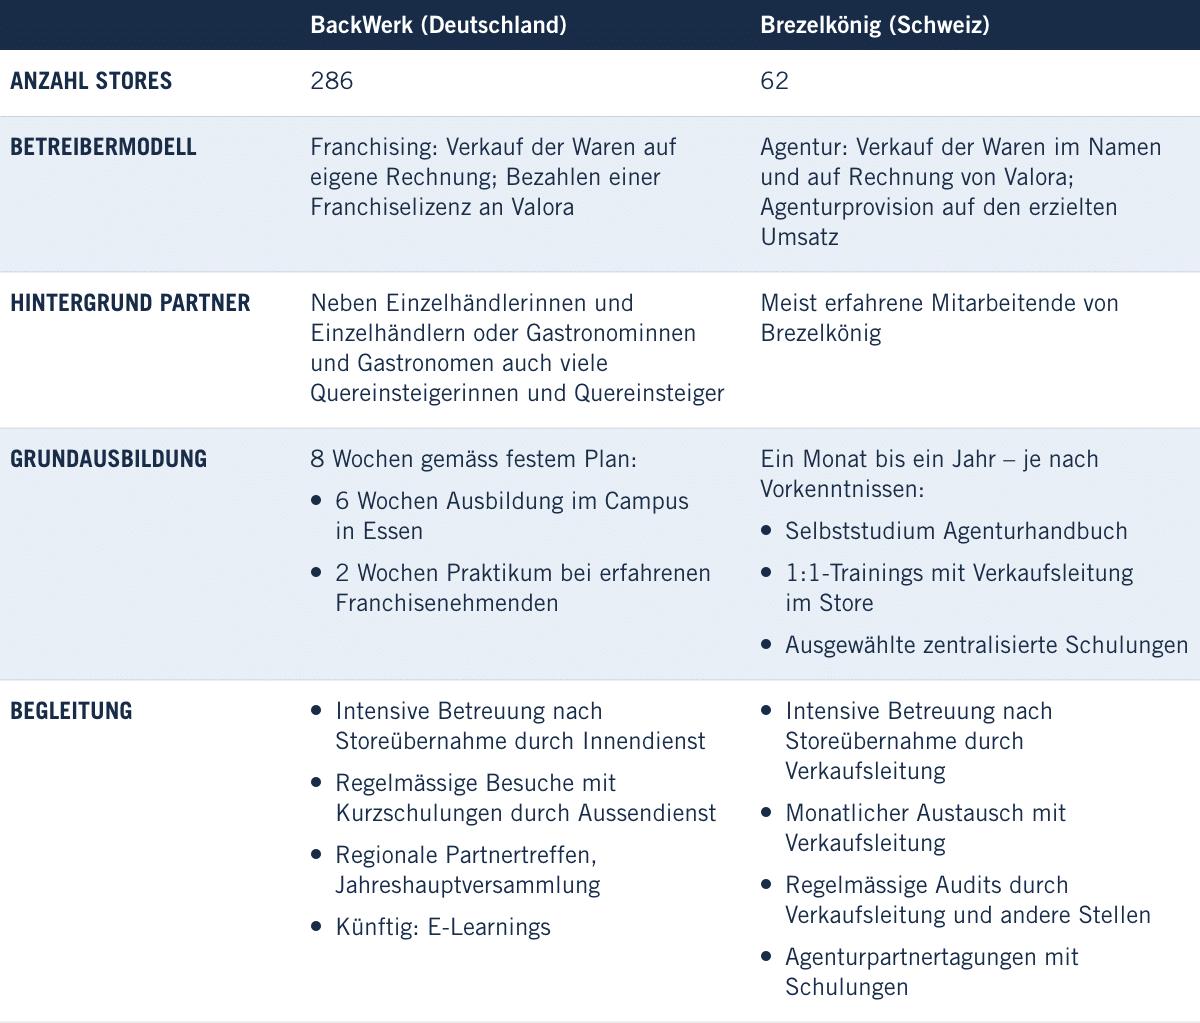 BackWerk und Brezelkönig: Zwei Valora Betreibermodelle im Vergleich